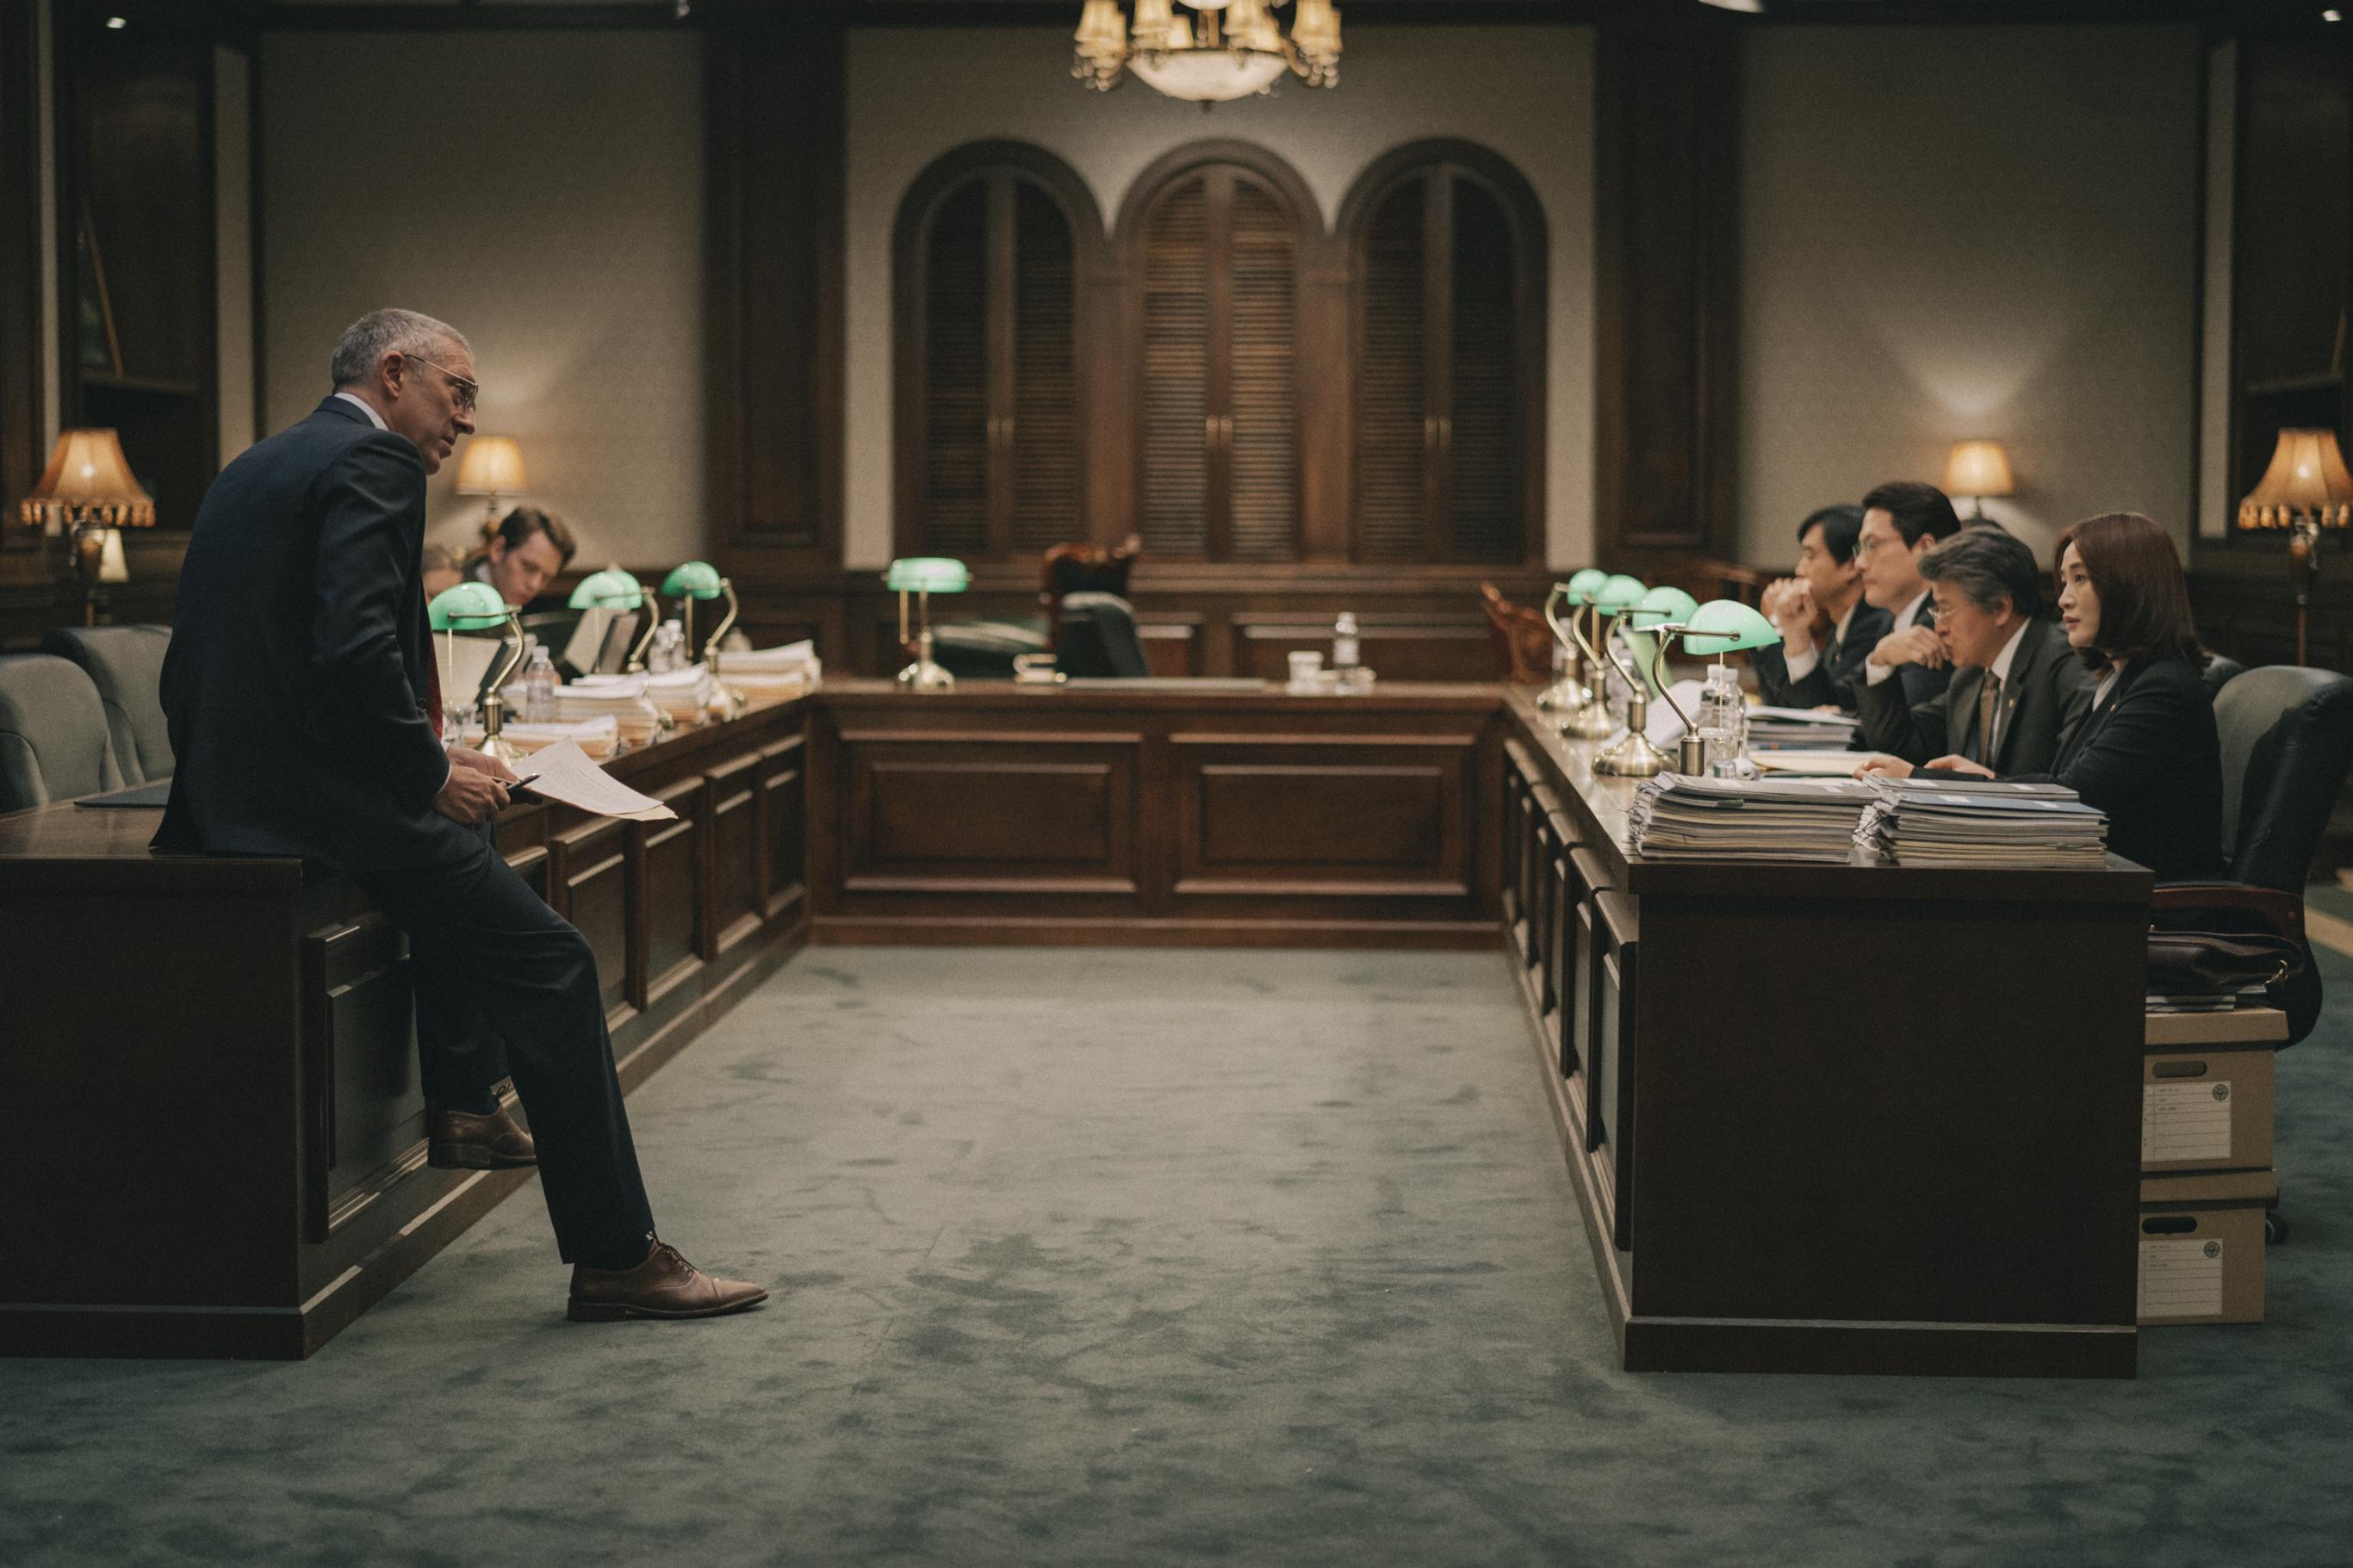 어서와 한국은 처음이지?세계적 ★ 스타들의한국 영화 출연 모음.ZIP